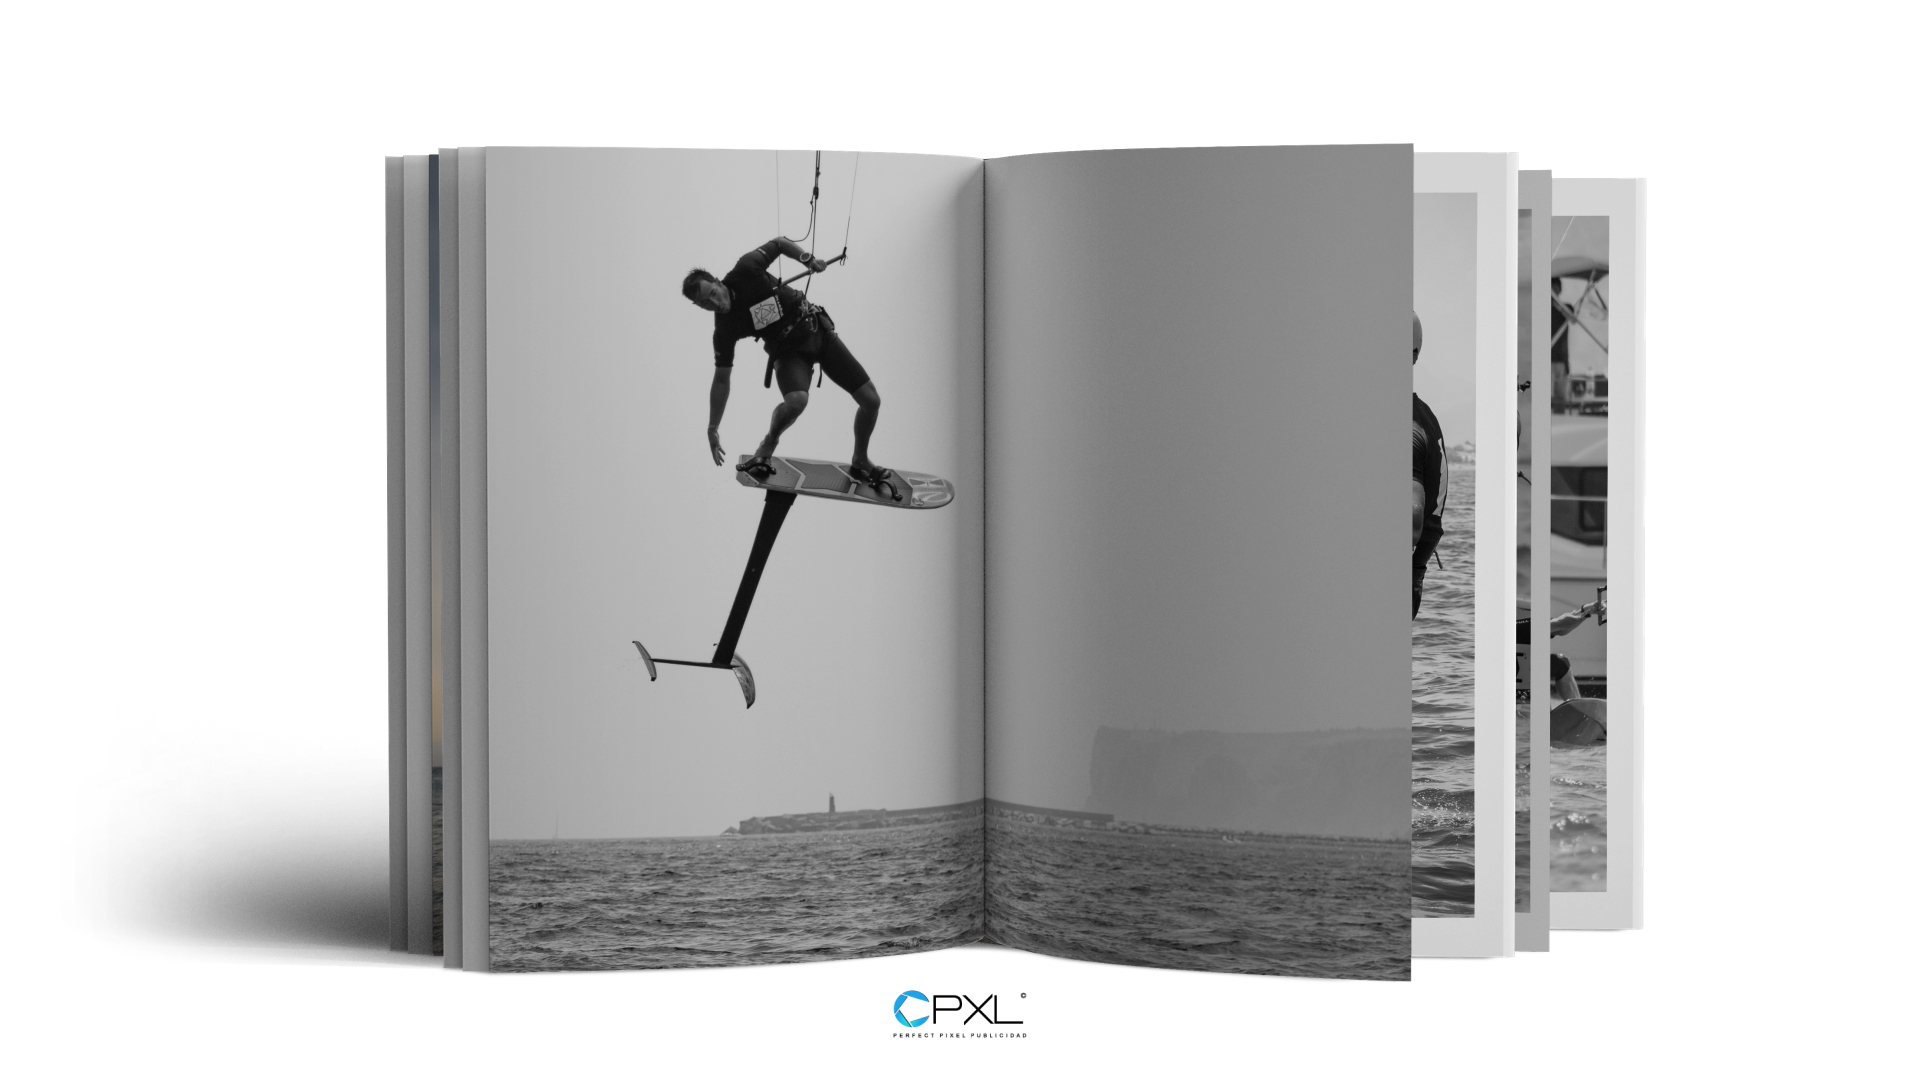 https://perfectpixel.es/wp-content/uploads/2017/07/Libro-oficial-Copa-Espa%C3%B1a-2017-F%C3%B3rmula-Kite-Perfect-Pixel-Agencia-Publicidad-Madrid.jpg